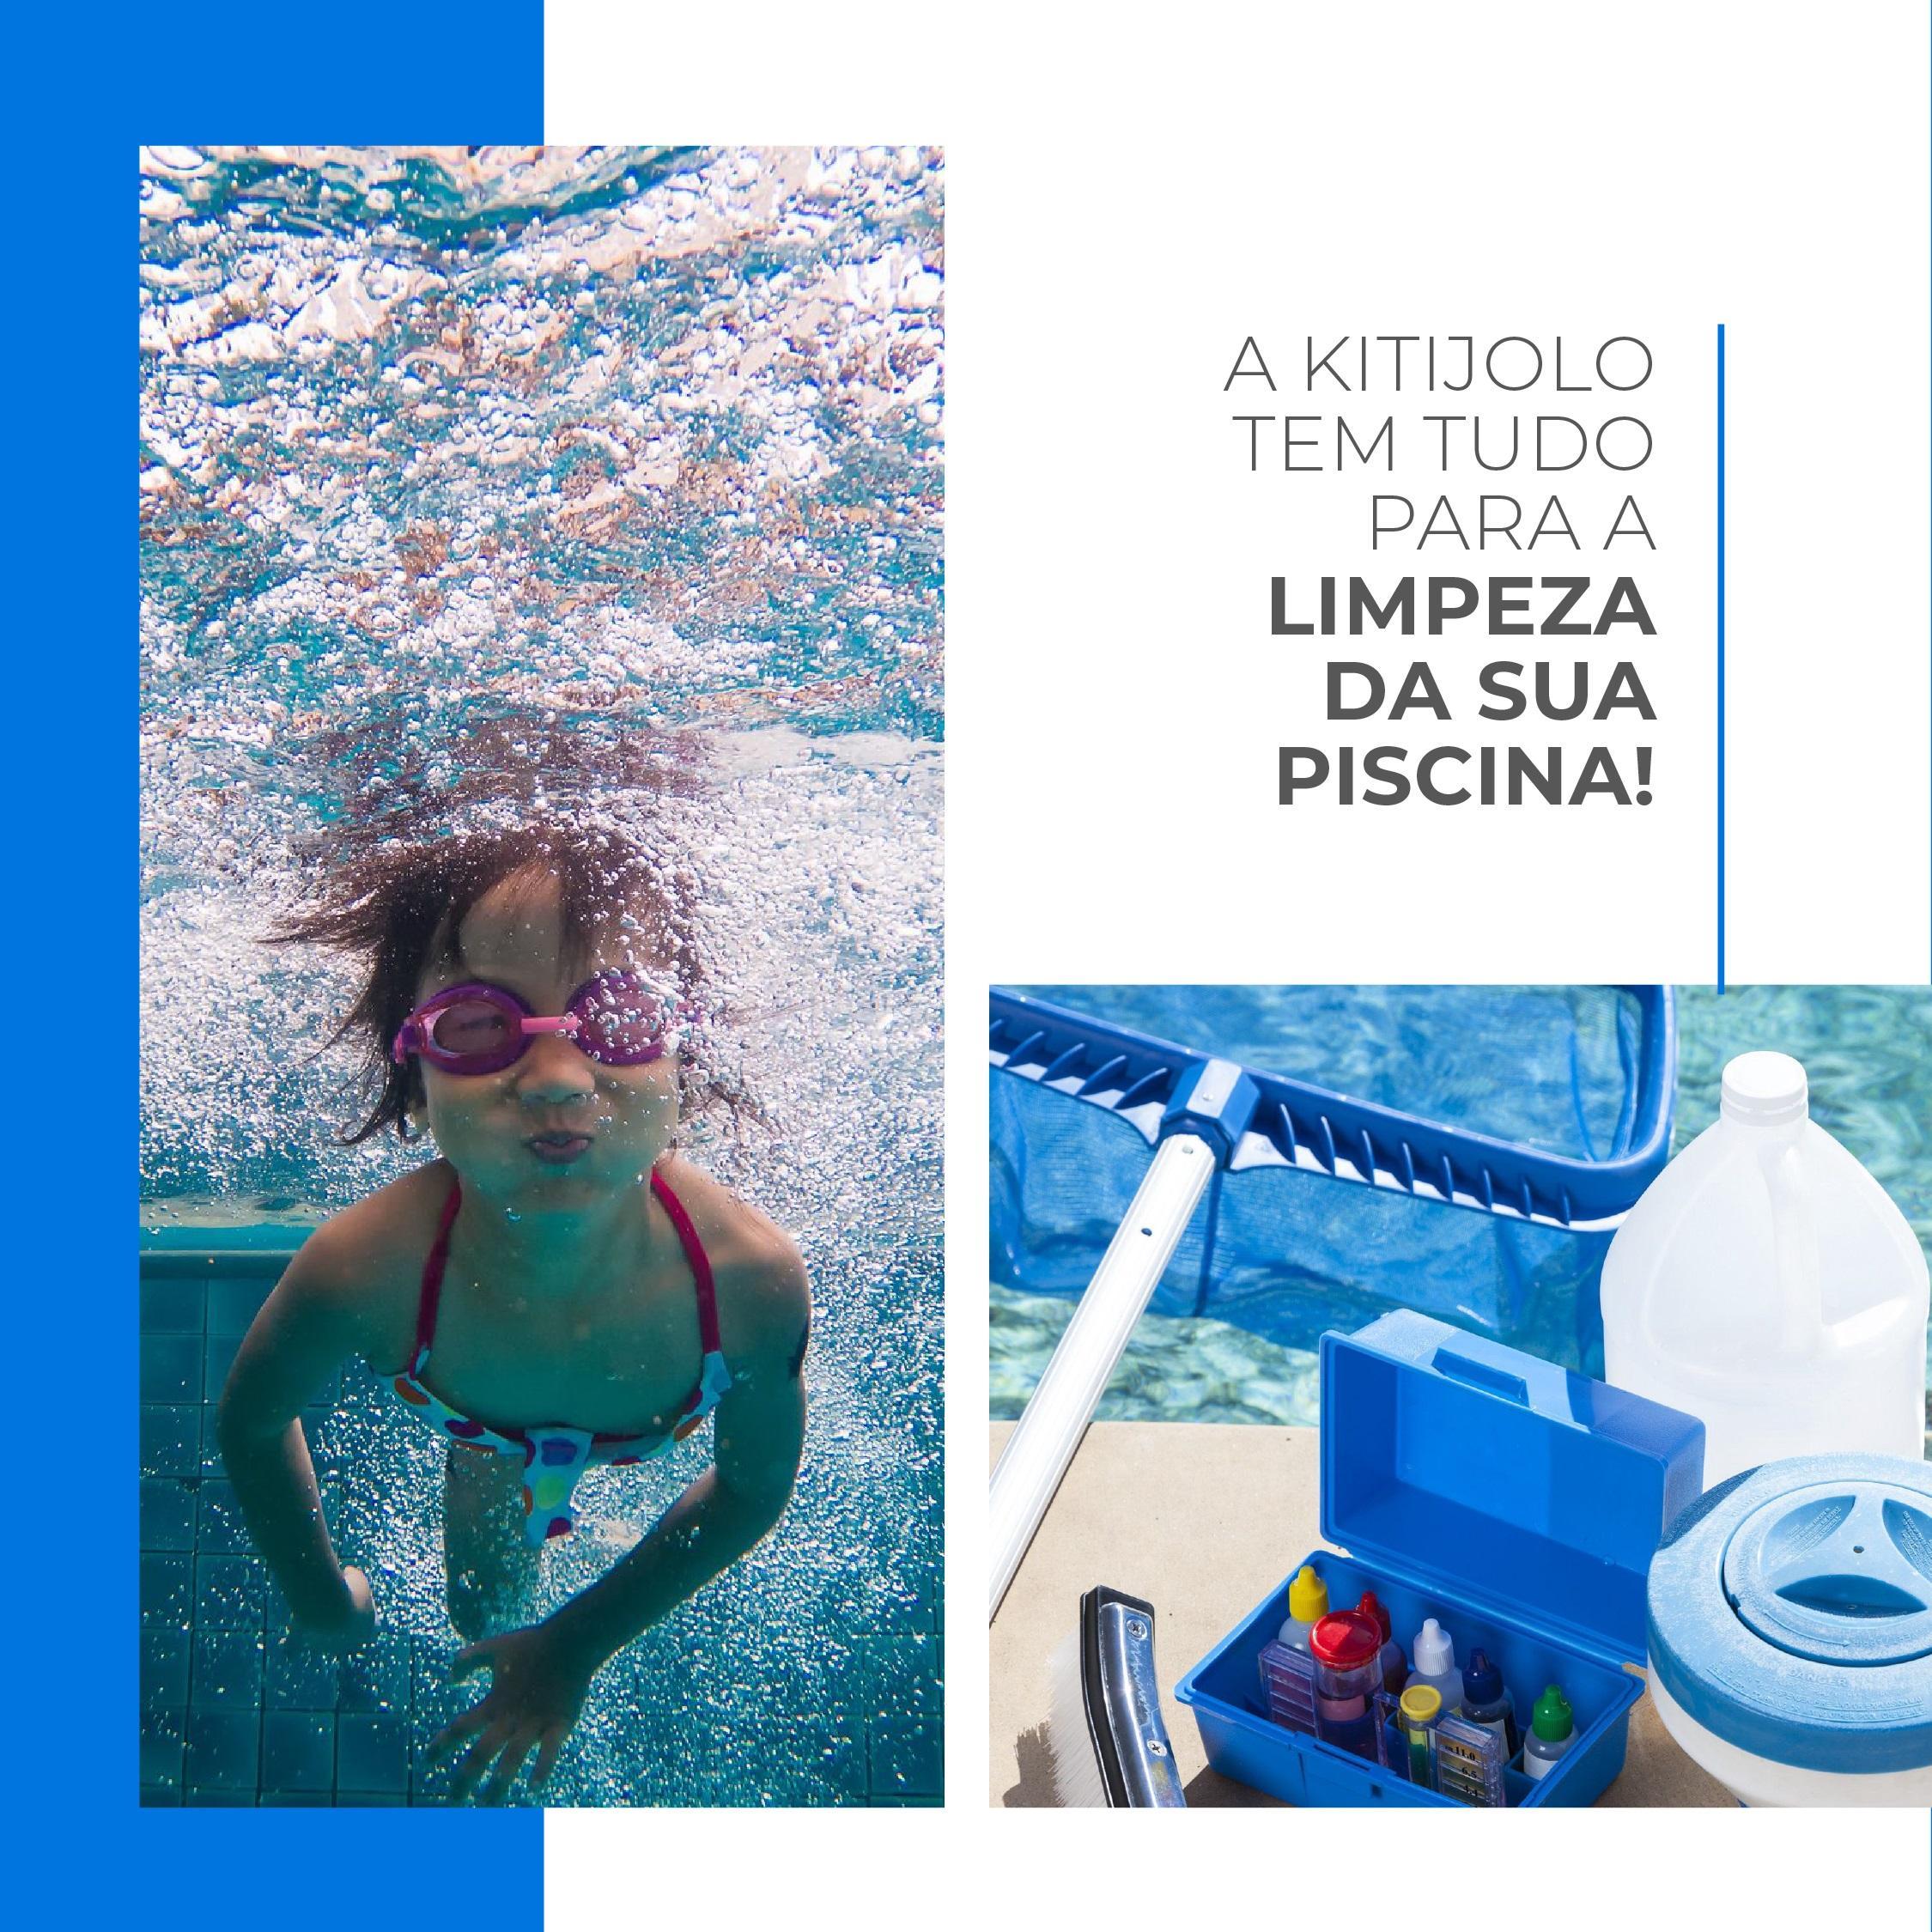 Conheça o setor de piscinas da Kitijolo!